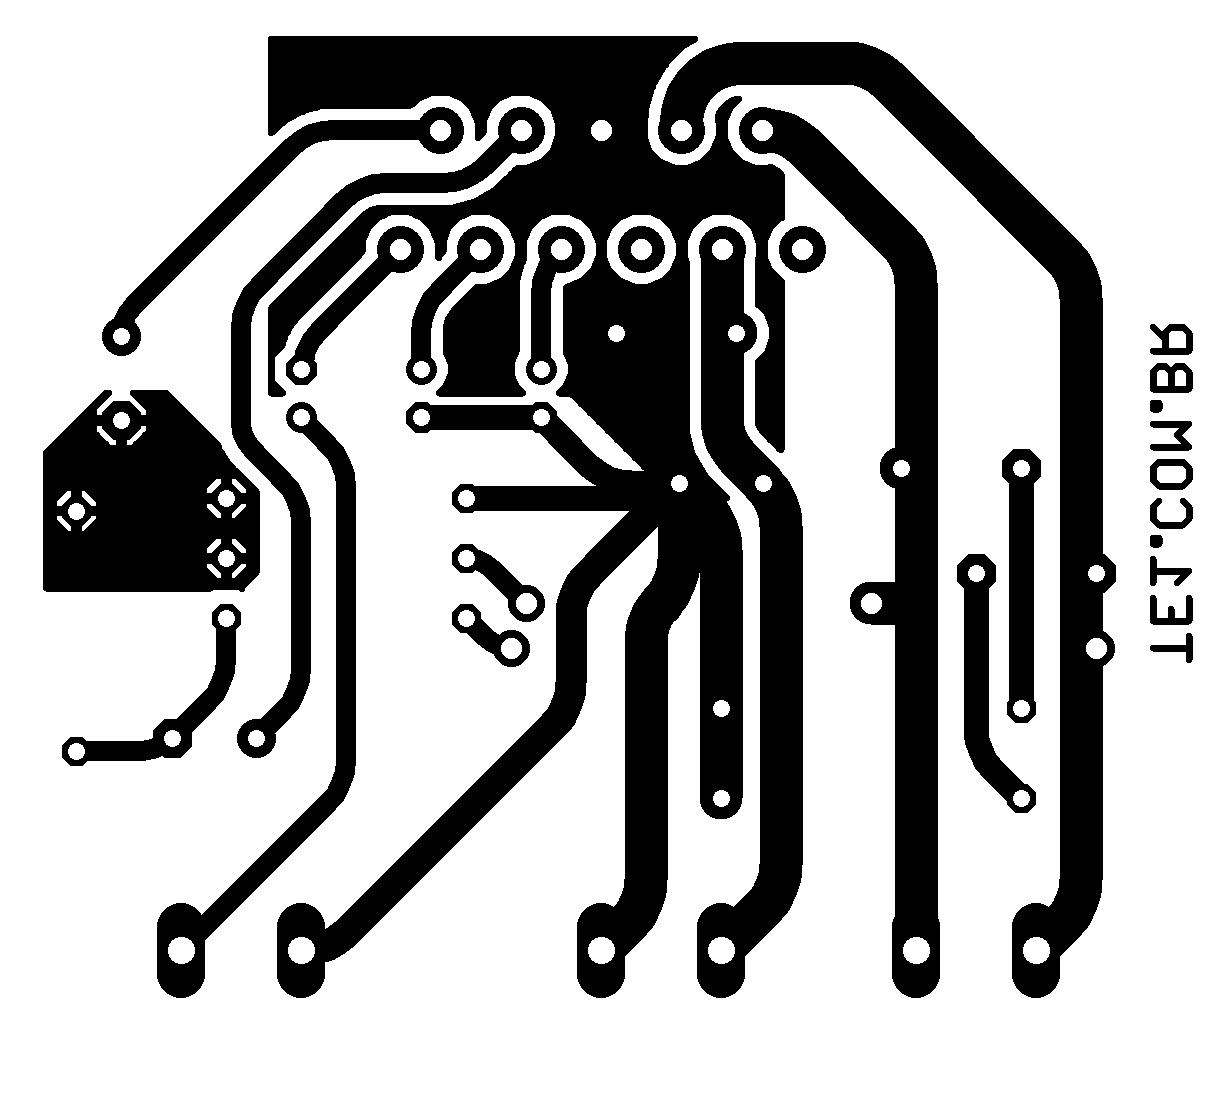 tda2004 amplificador bridge pcb Circuito amplificador de 18 watts RMS em ponte usando tda2009 Circuitos Áudio